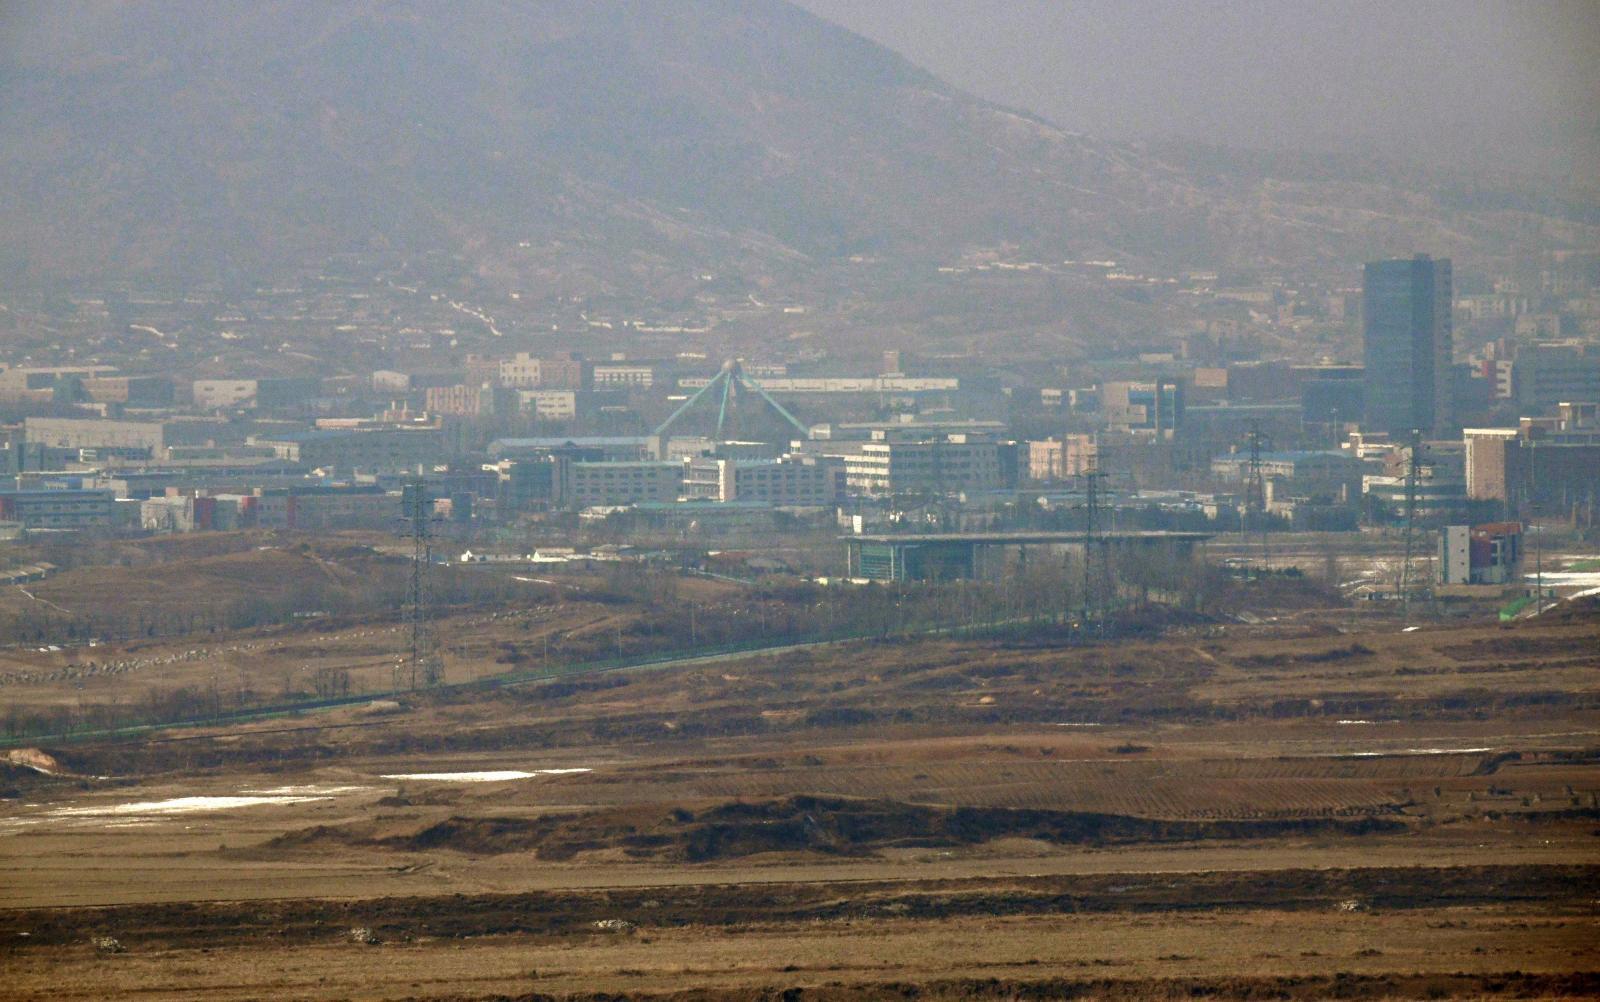 """เกาหลีเหนือตัดขาดการสื่อสารทั้งหมดกับเกาหลีใต้ หลังเกิดประเด็น """"ใบปลิวข้ามเขตแดน"""""""